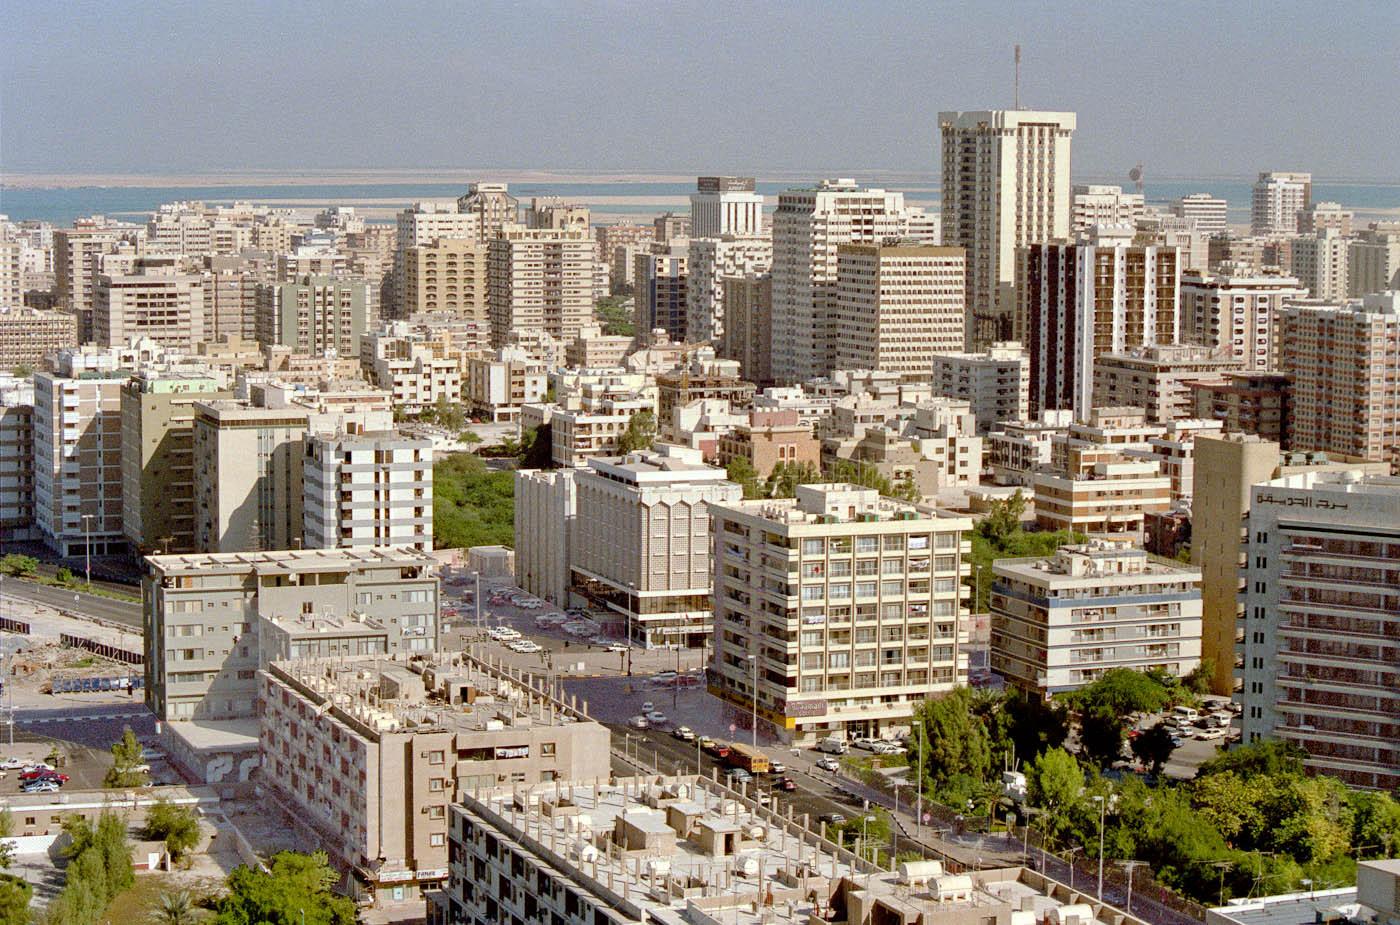 1988 Abu Dhabi view